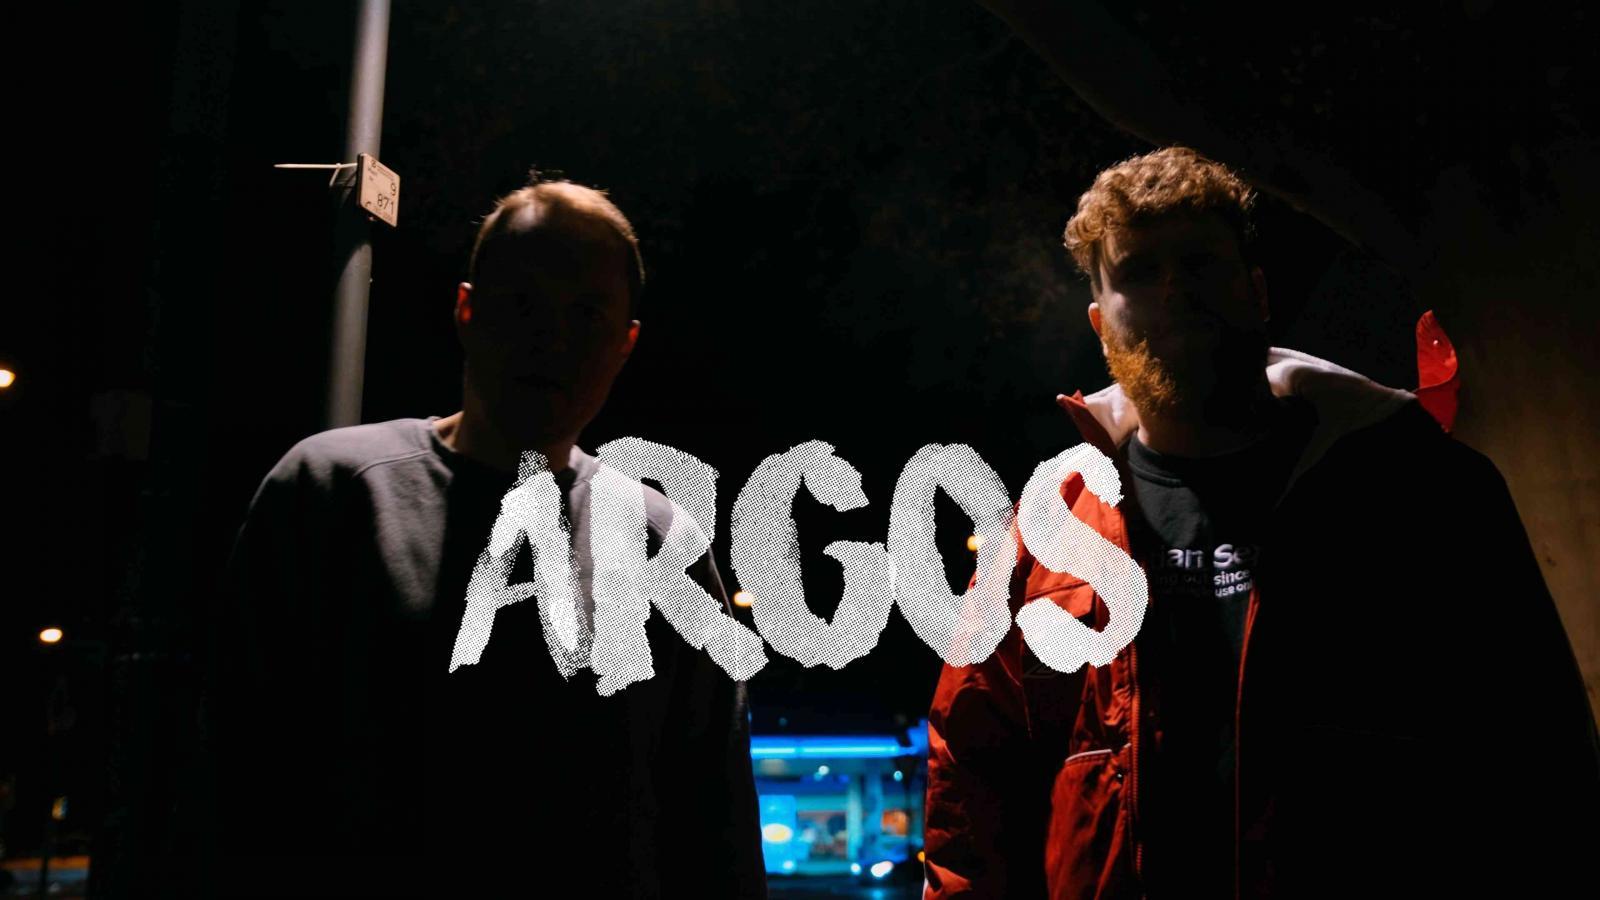 Upcoming: TEC636, William Gotti - Argos (prod. TEC636) [Videopremiere]